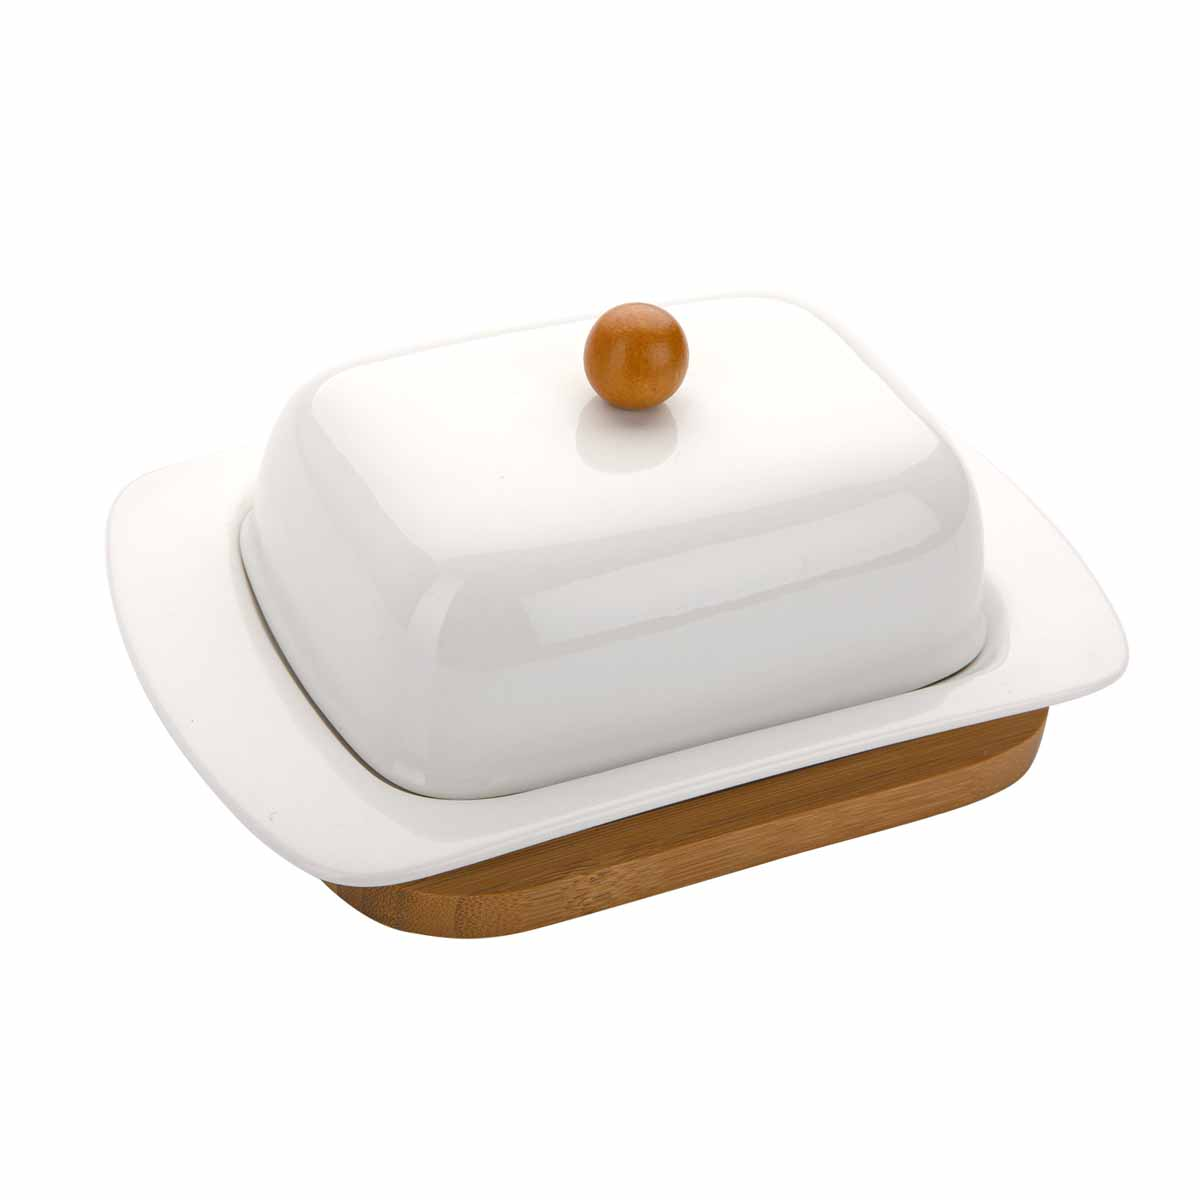 Масленка Dekok, на подставкеPW-2709Масленка Dekok, выполненная из высококачественного фарфора, предназначена для красивой сервировки и хранения масла. Изделие размещено на подставке из бамбука.Благодаря экологичным материалам, масло в такой масленке долго остается свежим, а при хранении в холодильнике не впитывает посторонние запахи.Масленка Dekok станет незаменимой на вашей кухне. Размер масленки (с учетом крышки): 18,5 см х 12 см х 8 см. Размер подставки: 16 см х 12,5 см х 1,1 см.